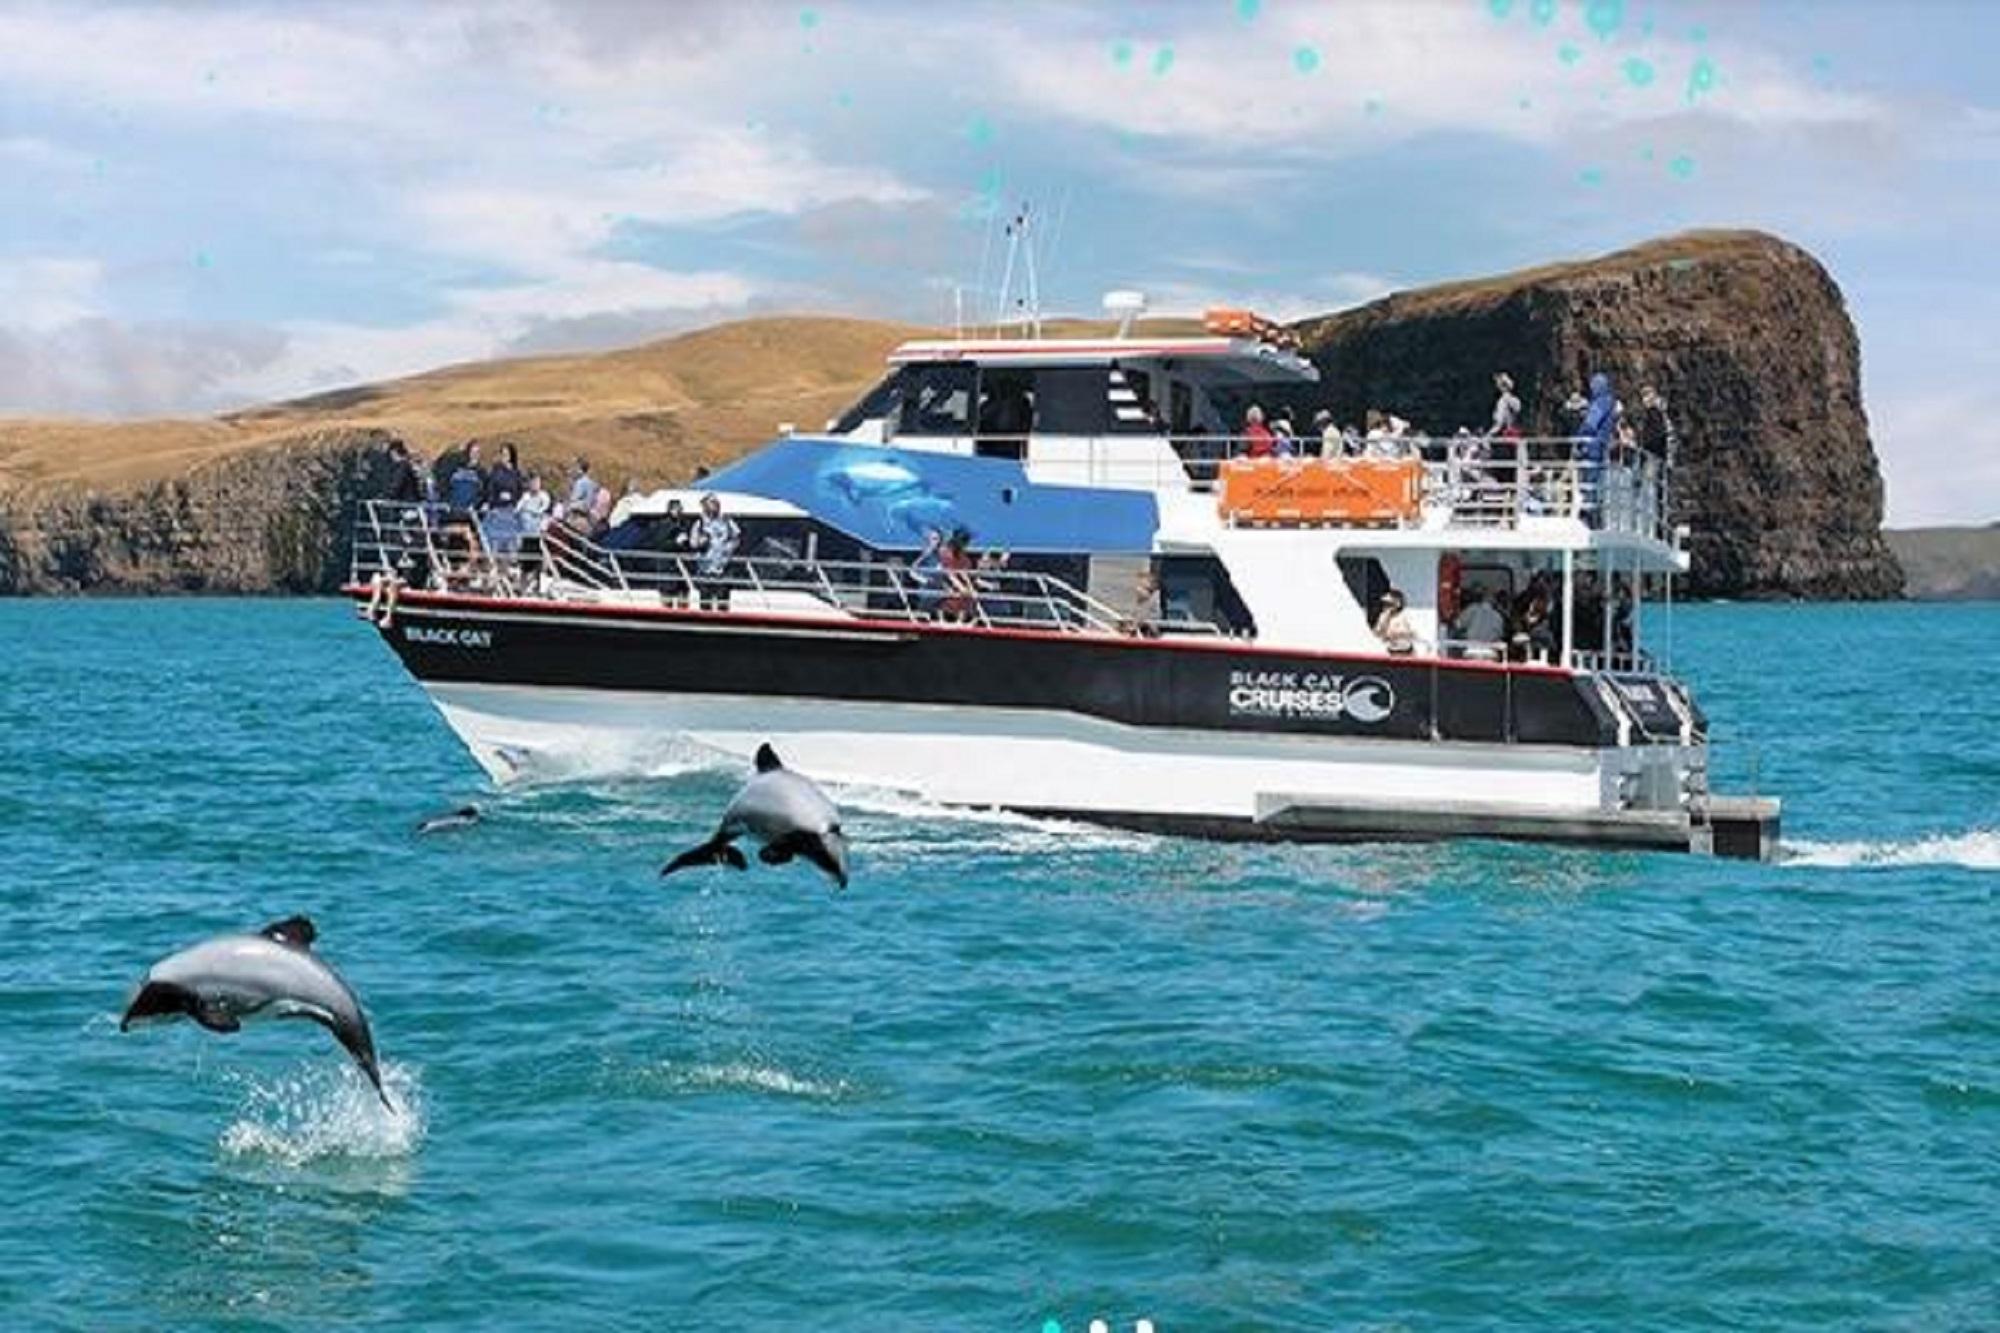 新西蘭基督城 阿卡羅阿黑貓遊船出海觀海豚(可選與海豚共泳)